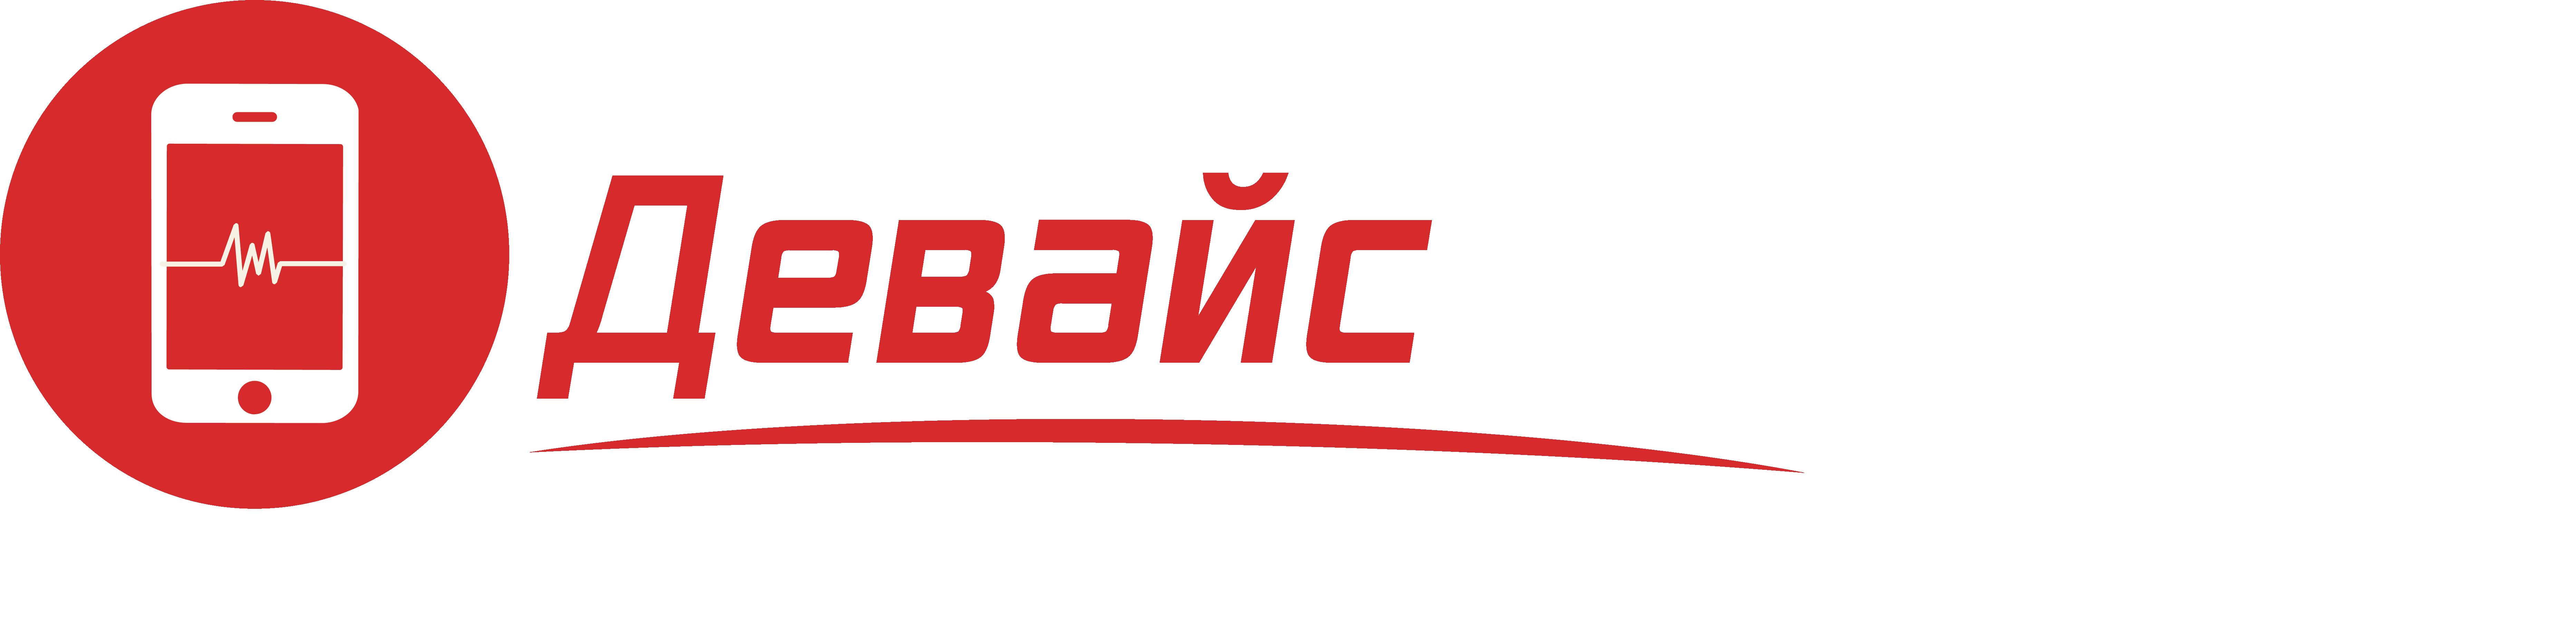 Девайс сервис - магазин умных гаджетов и аксессуаров